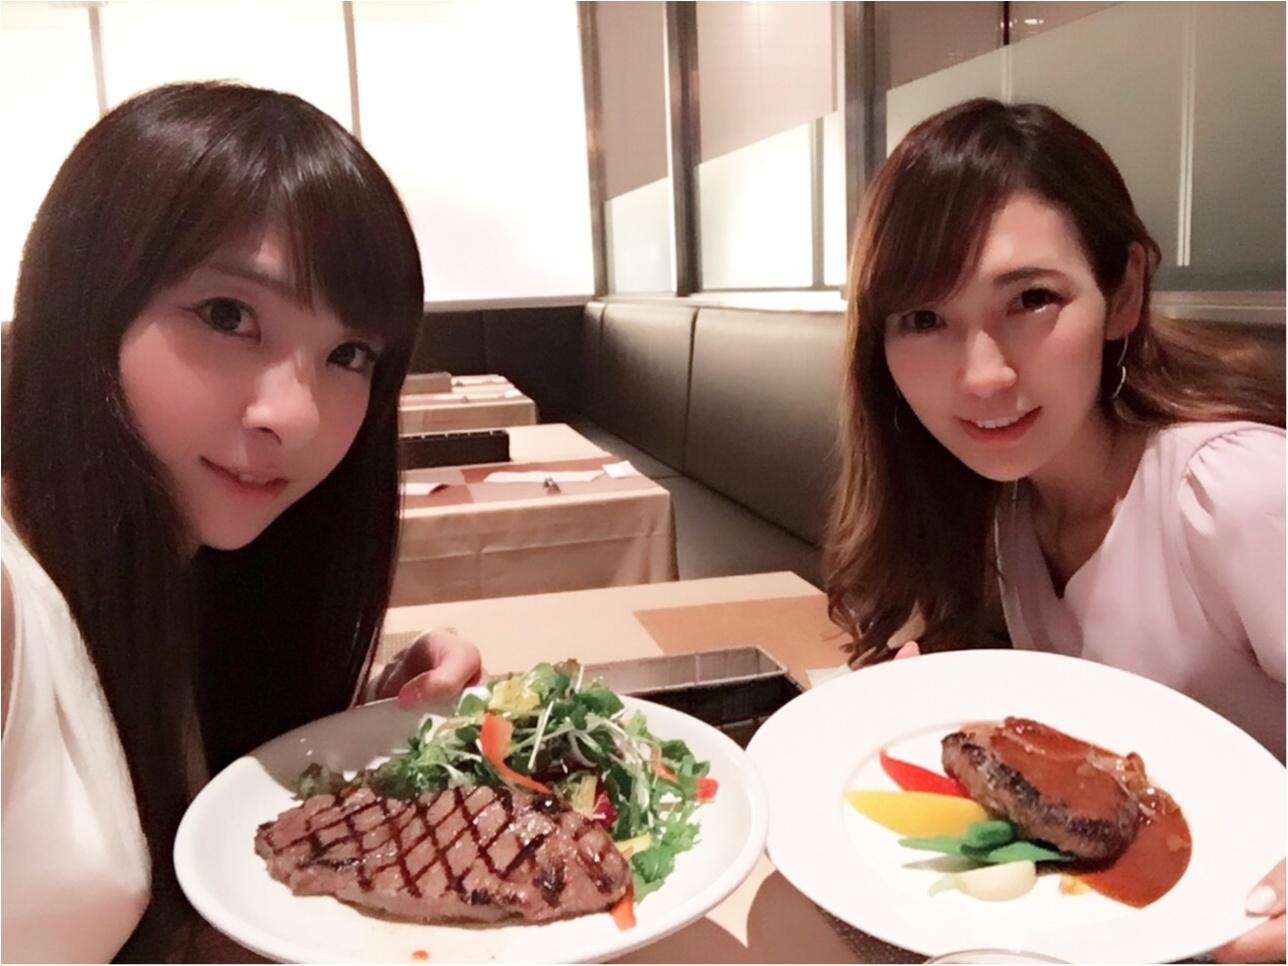 ♡ダイエッター必見!!【デザート付きフルコースが500kcal以下】糖質制限ダイエットレストランNODO♡モアハピ◡̈のぞみ♡_13